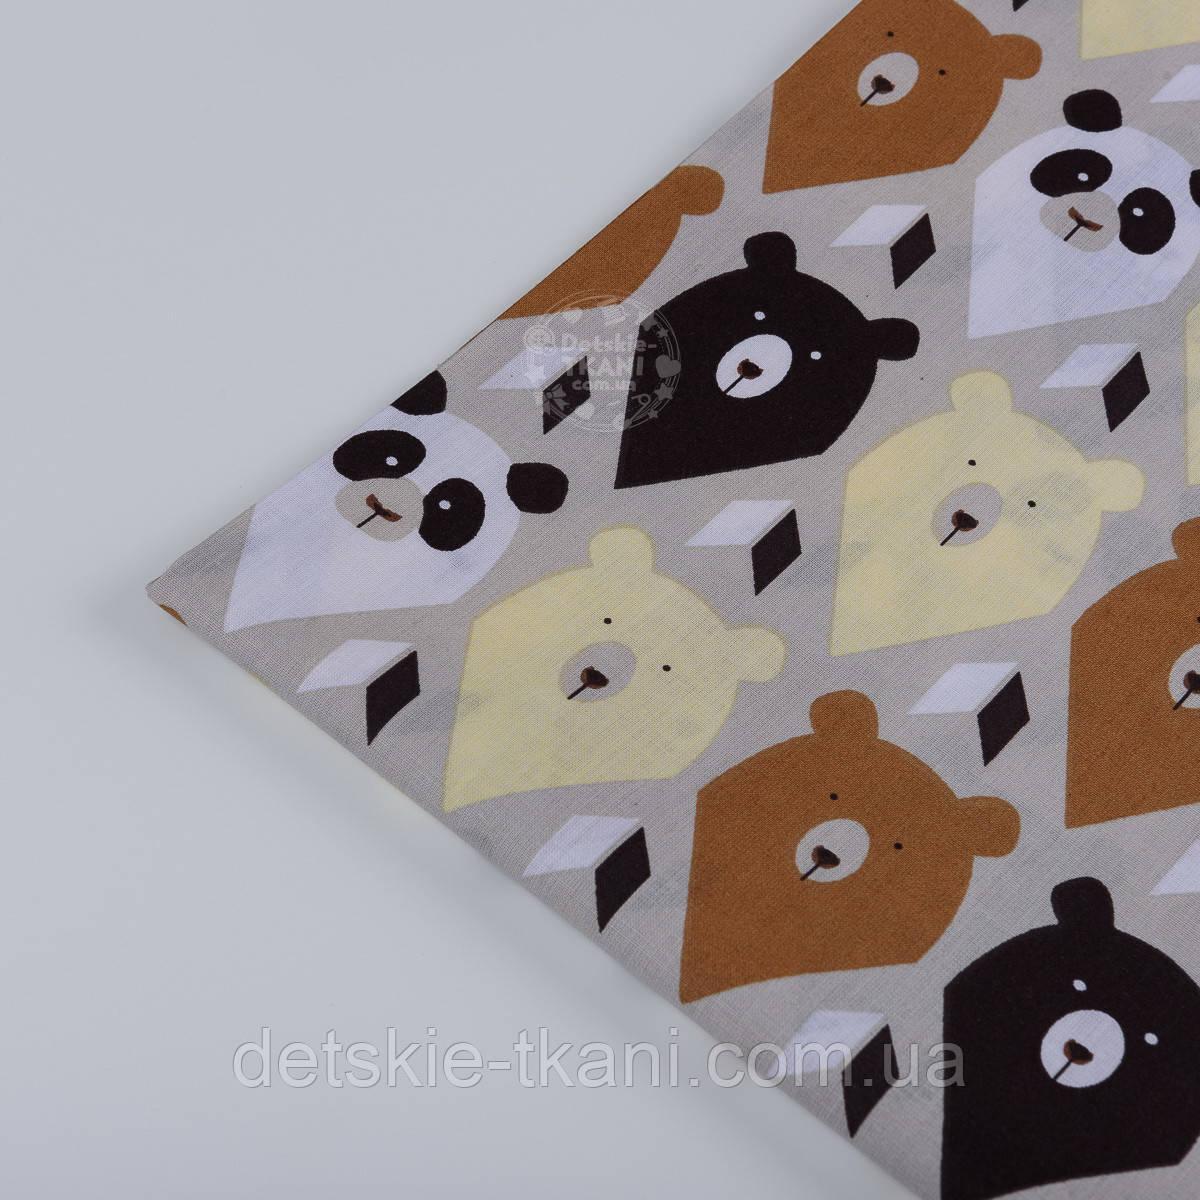 """Отрез ткани №1063а """"Мишки-треугольники"""" коричневые и бежевые"""